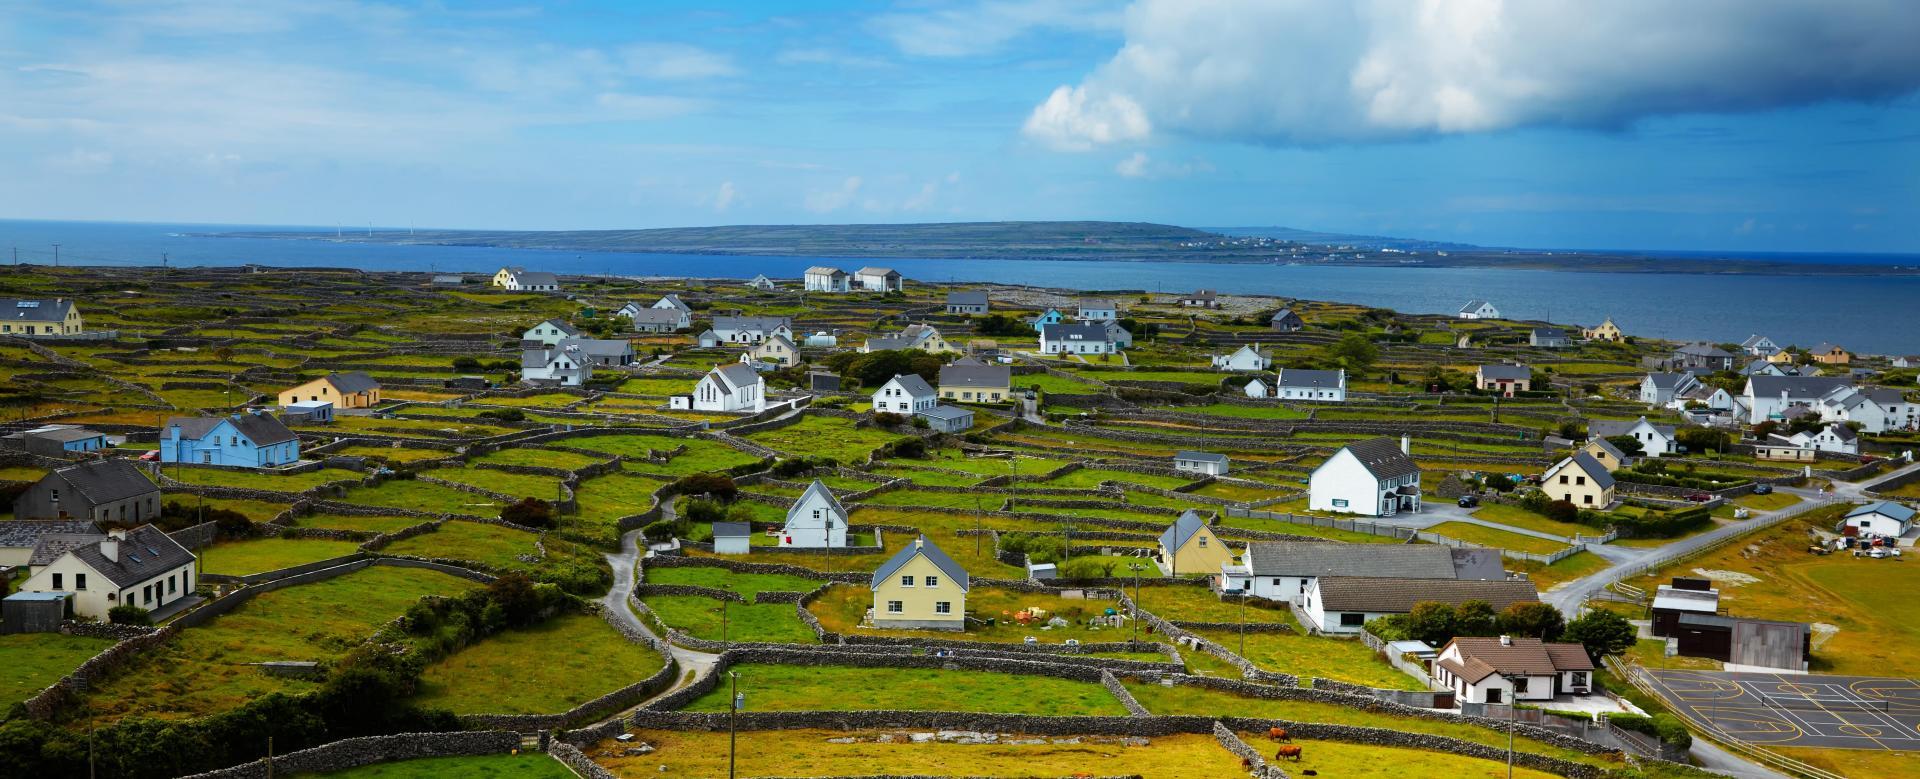 Voyage à pied Irlande : Le connemara et ses îles en 9 jours